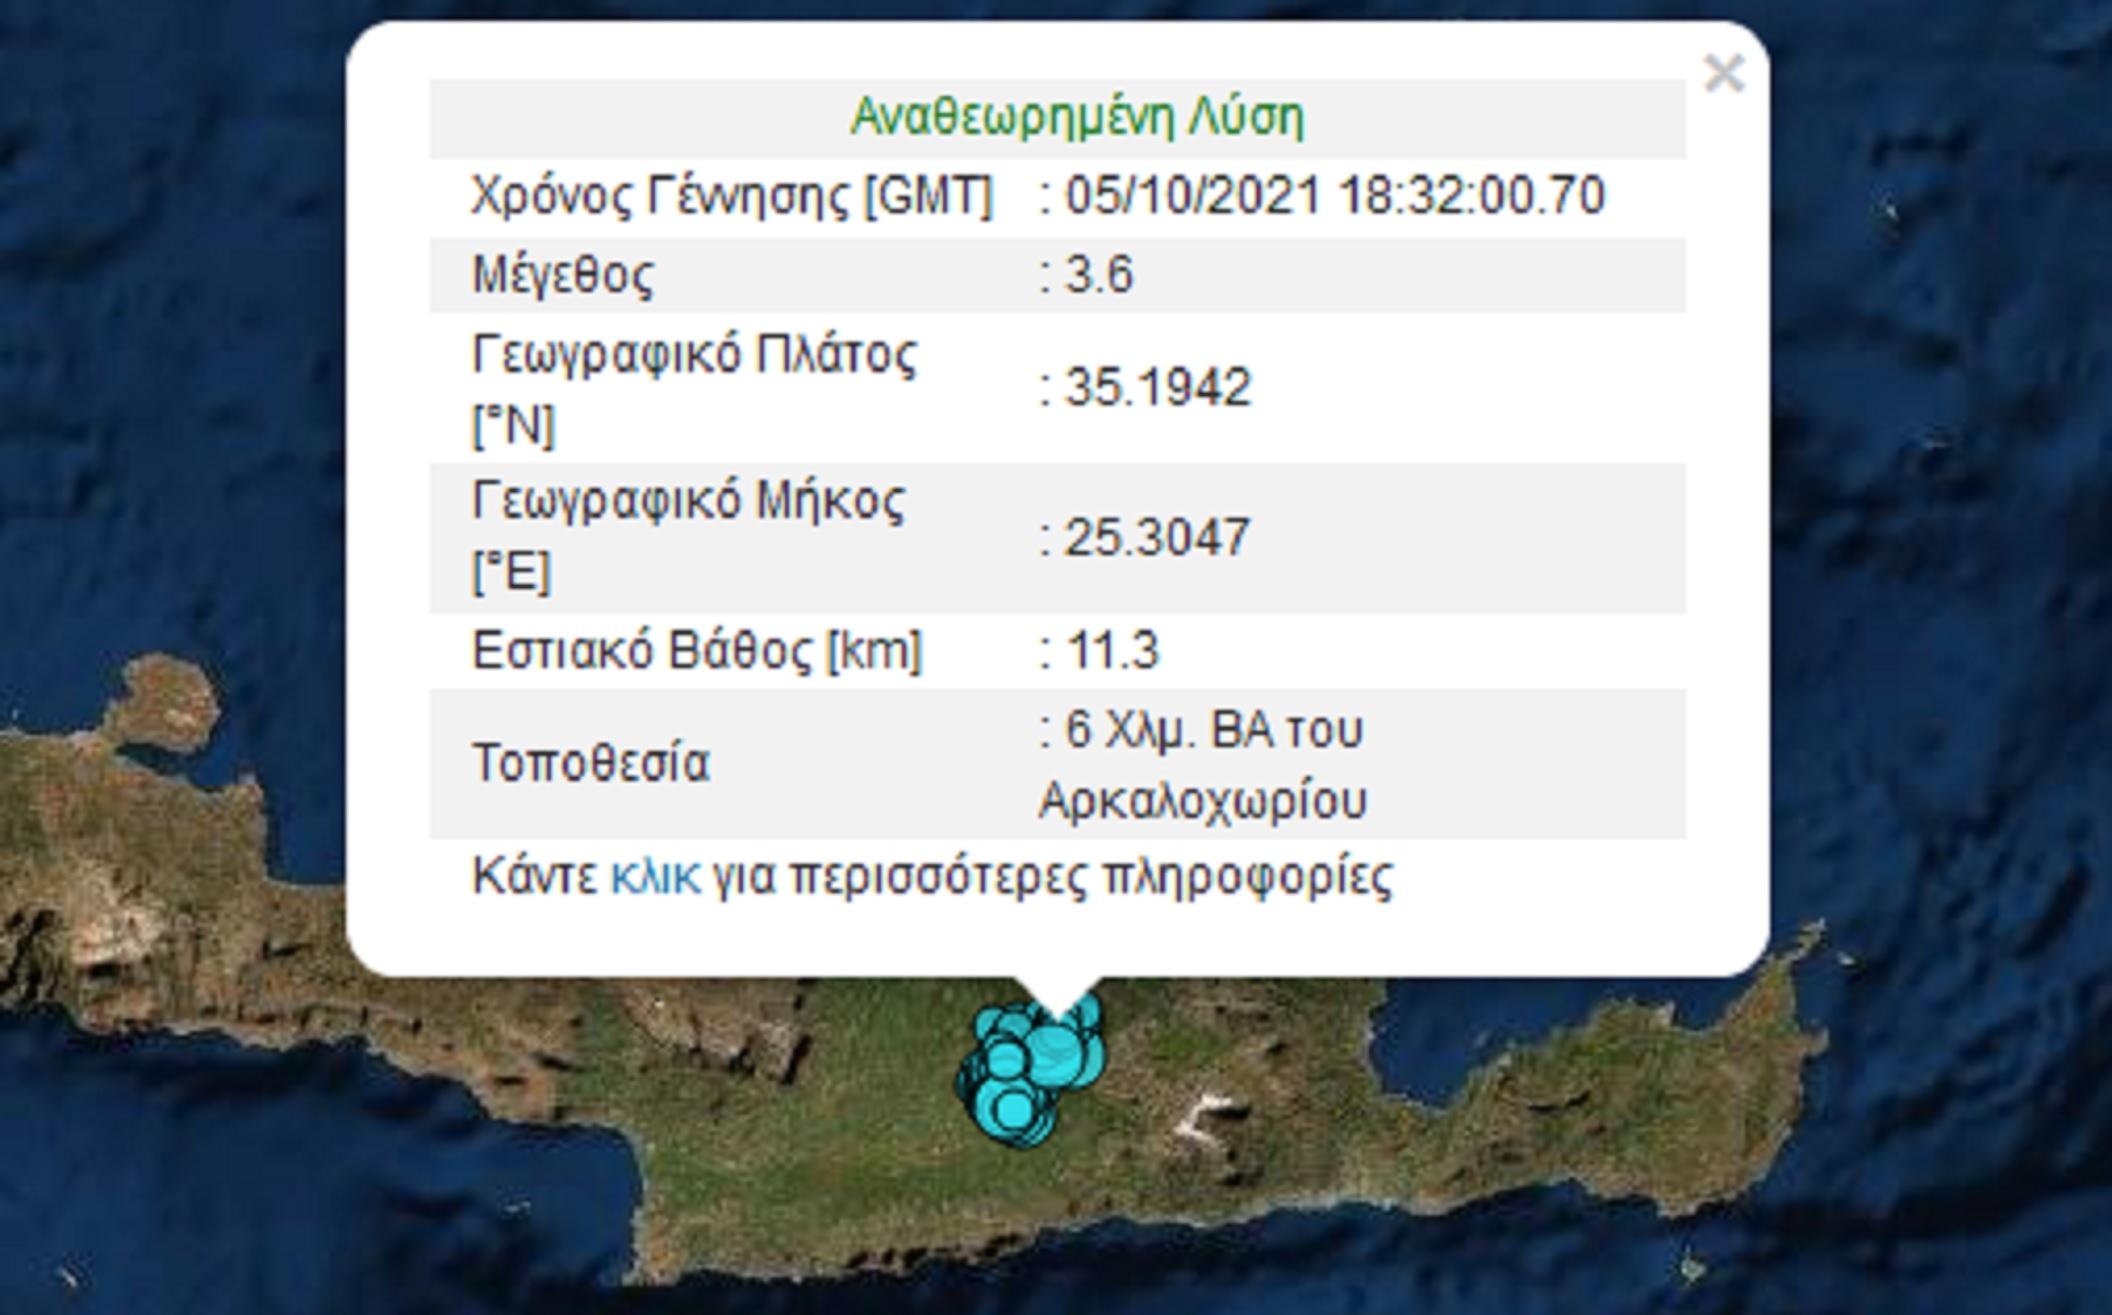 Σεισμός 3,6 Ρίχτερ στο Αρκαλοχώρι σε χαμηλό εστιακό βάθος